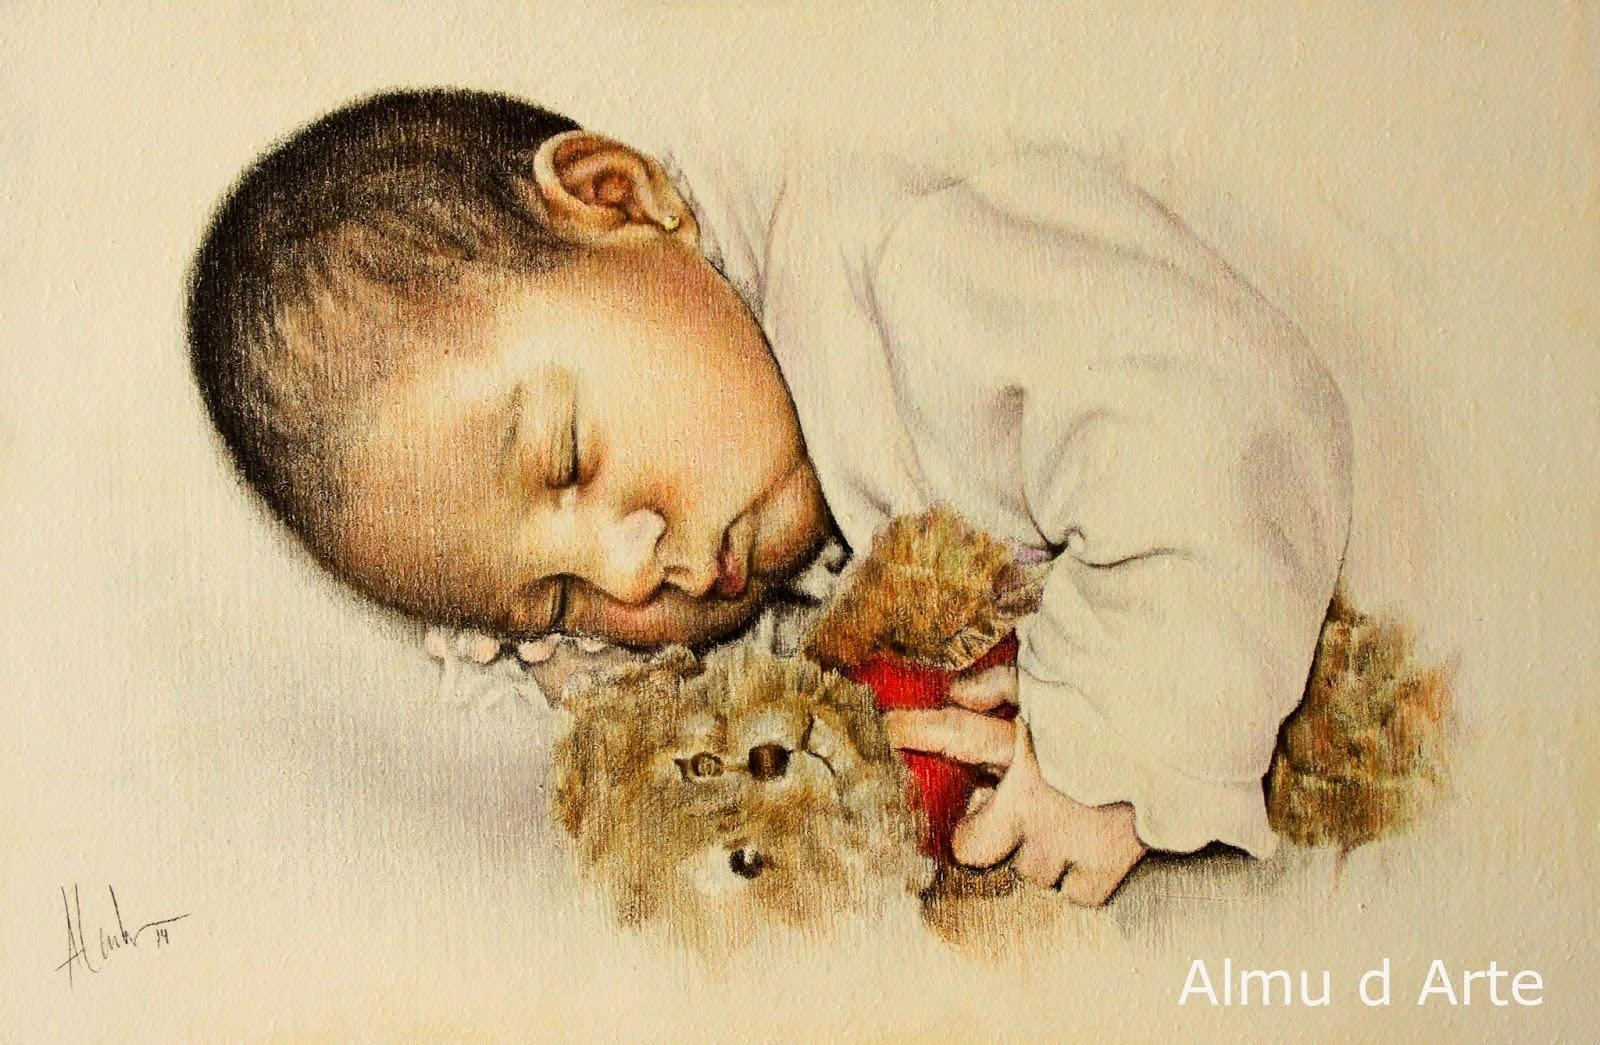 Retrato de un bebé con lápices de colores